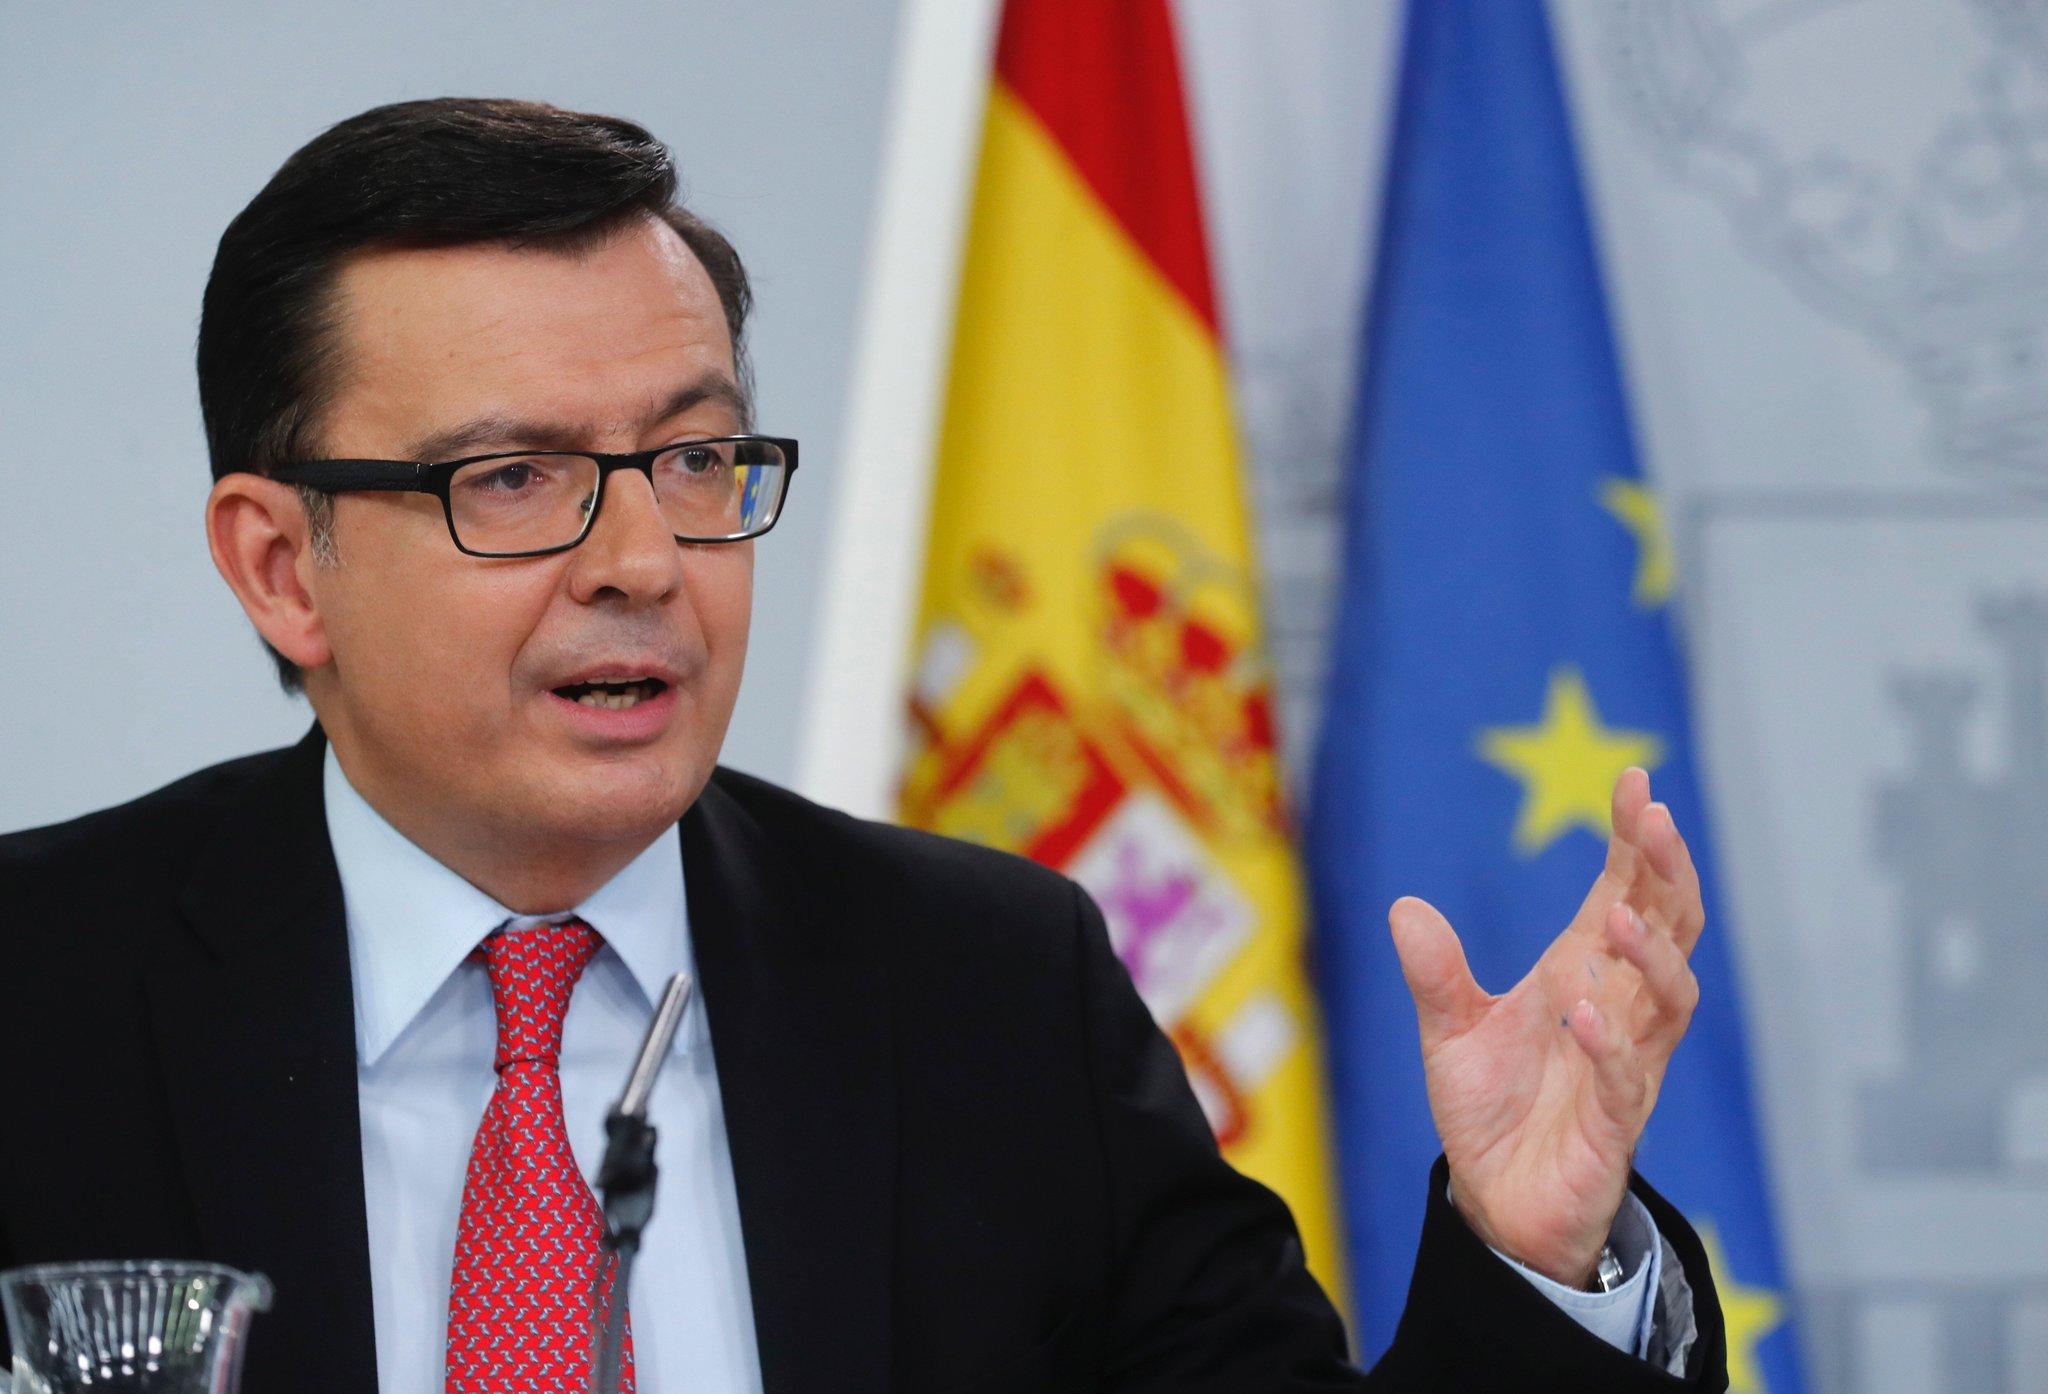 El ministro de Economía, Román Escolano, en la rueda de prensa posterior al Consejo de Ministros.